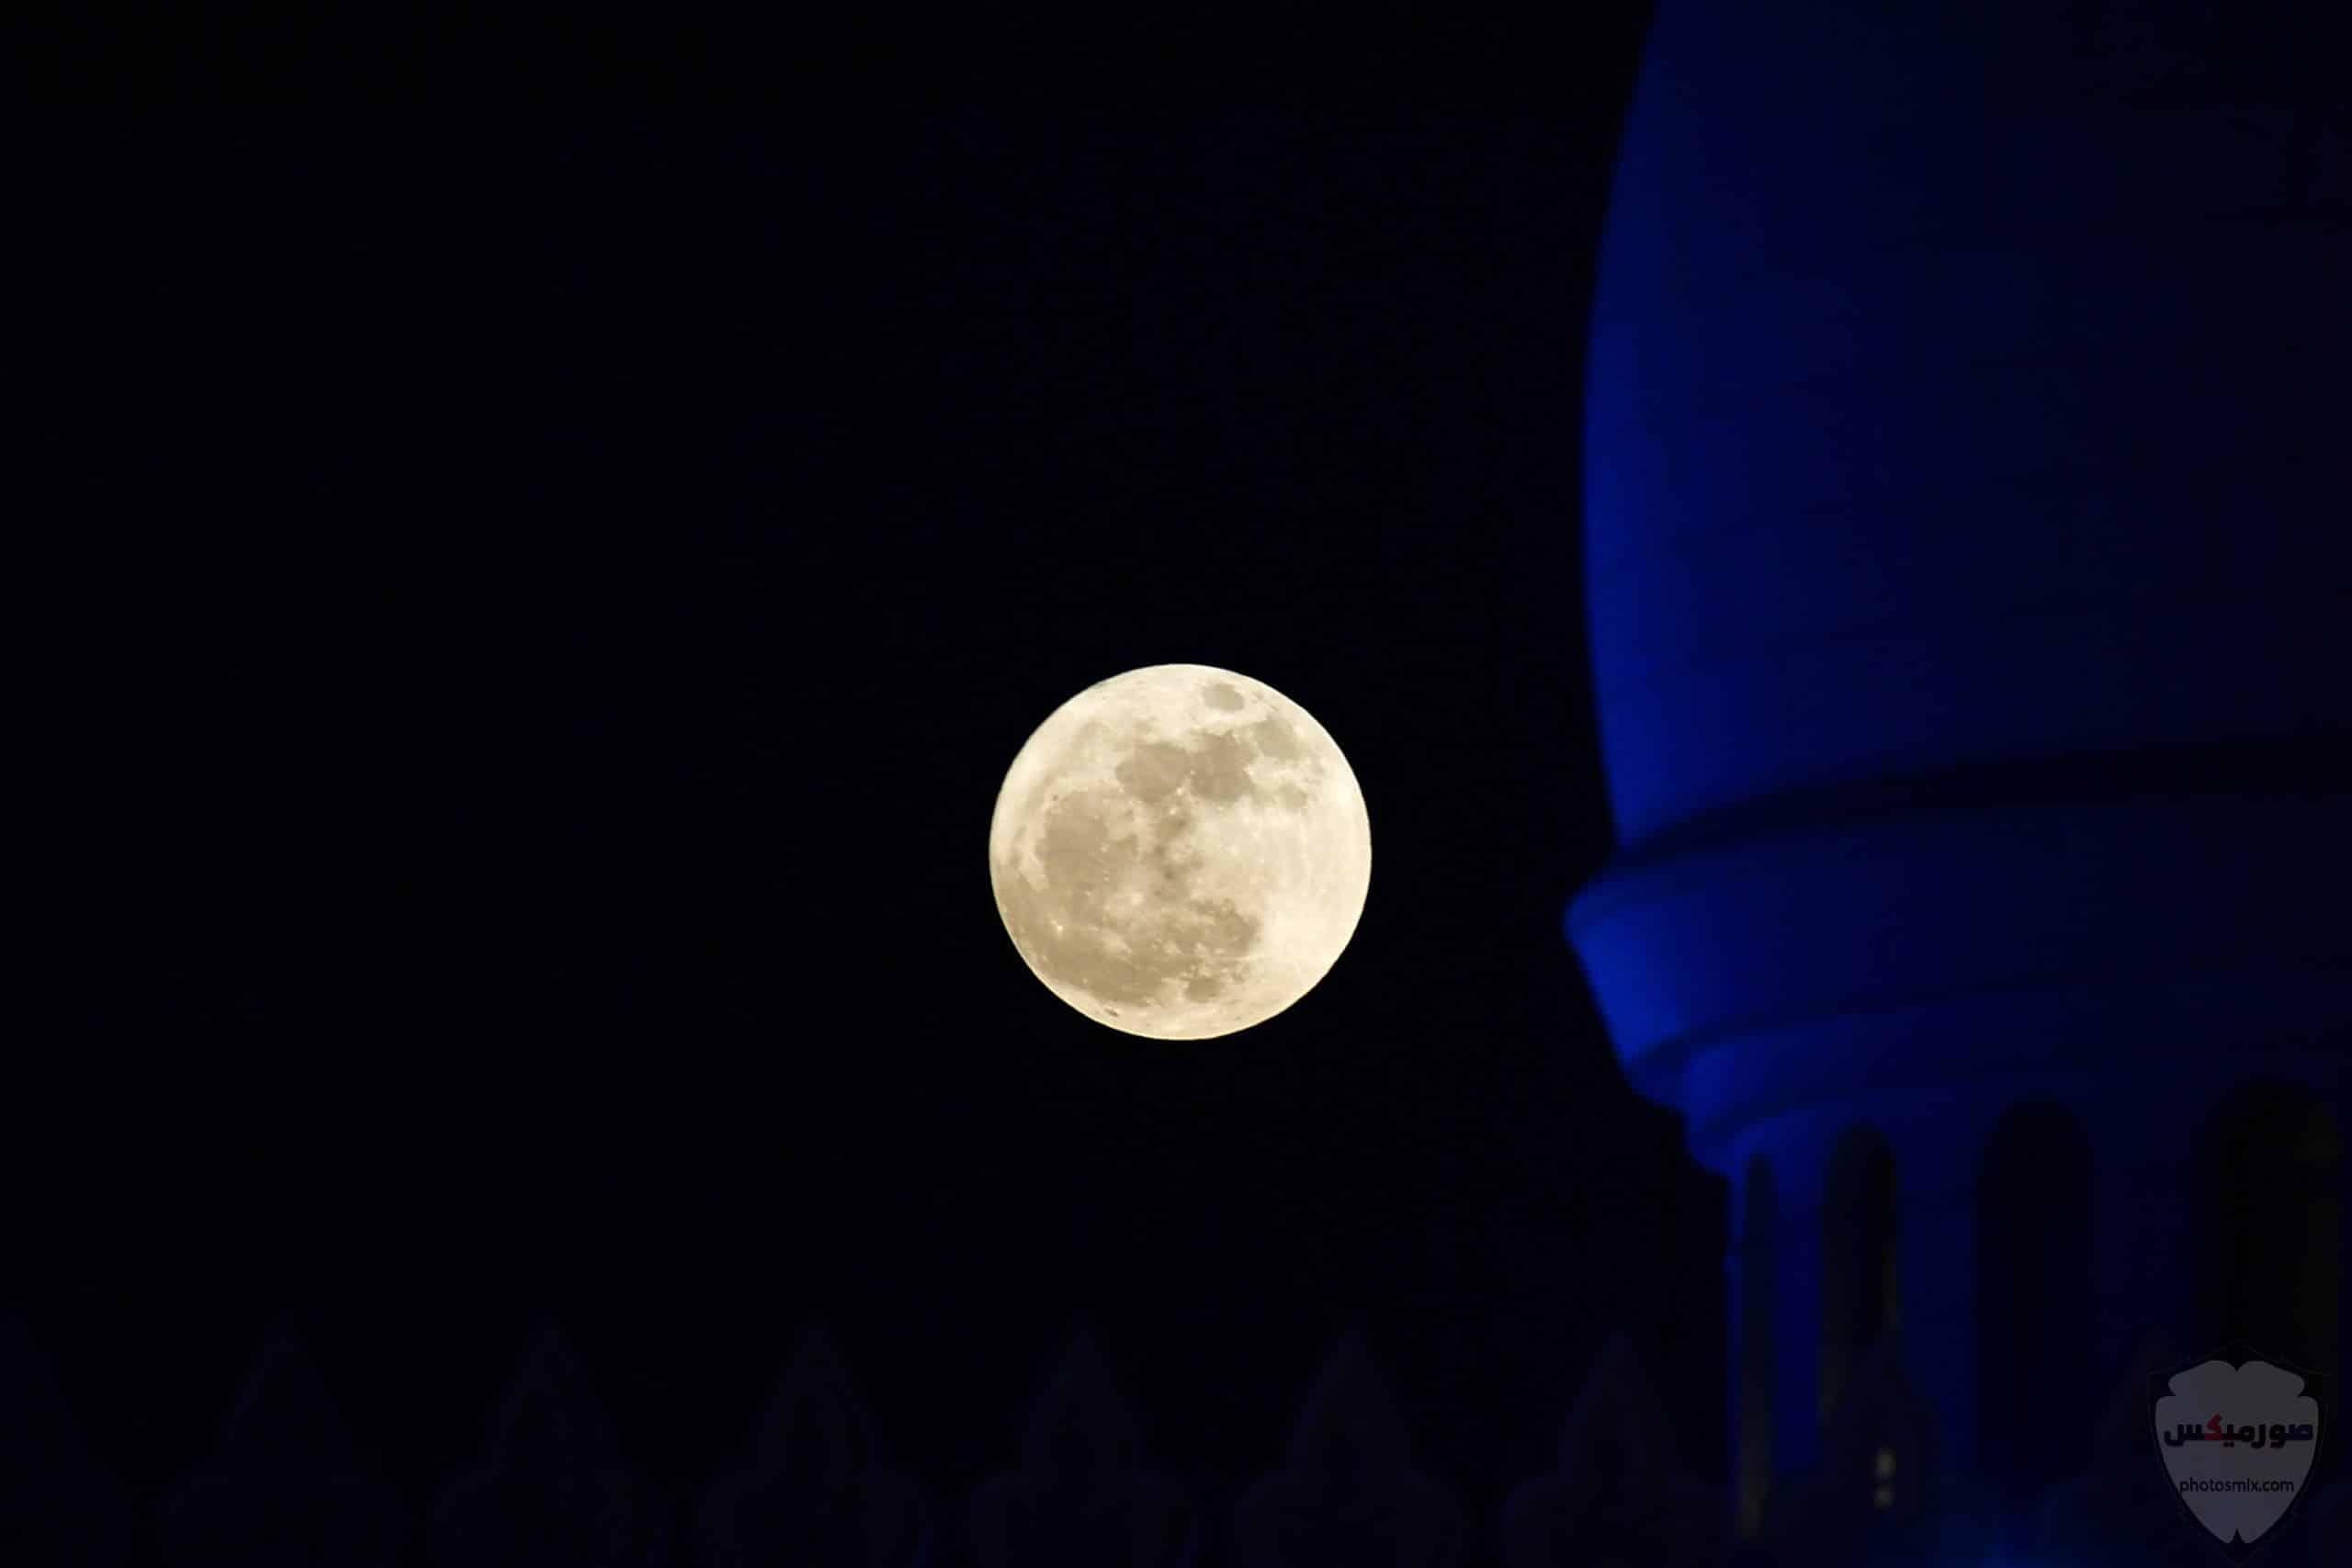 خلفيات قمر وبحر خلفيات القمر والنجوم خلفيات قمر للايفون 1